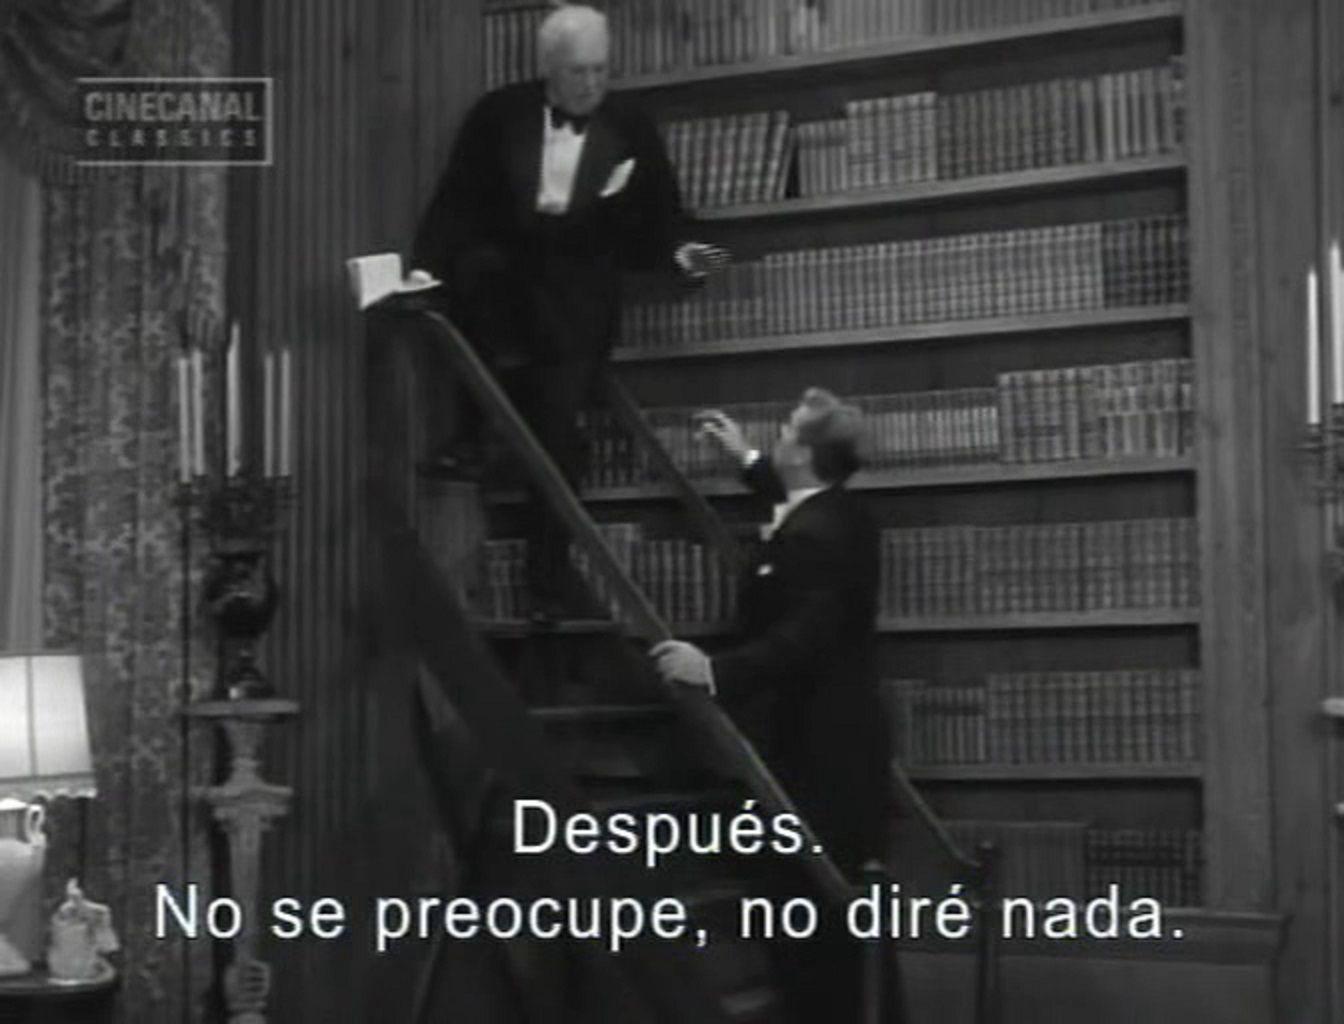 Librería de EL GRAN GATSBY - The Great Gatsby (1949)